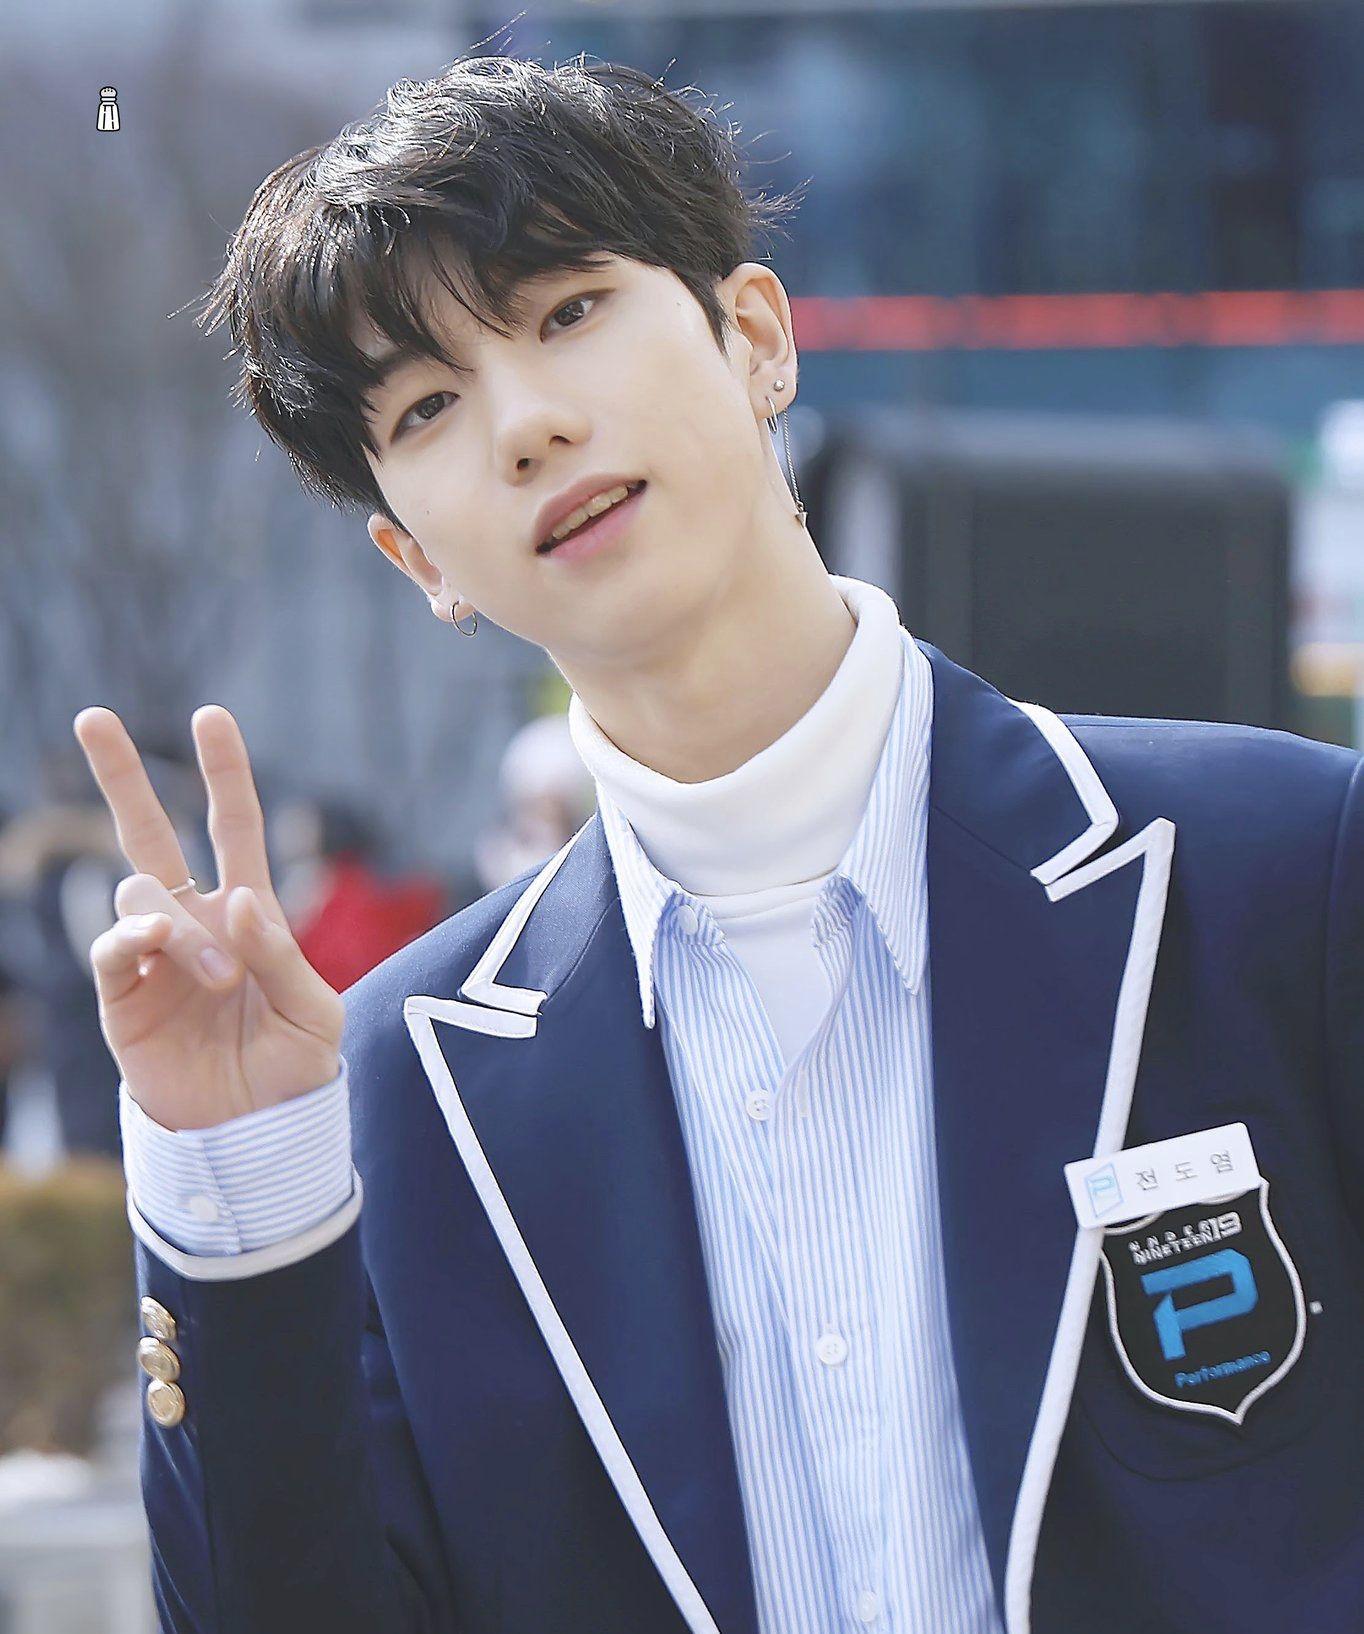 #JeonDoyum #도염 #undernineteen #Kpop #Under19 #MBC #언더나인틴